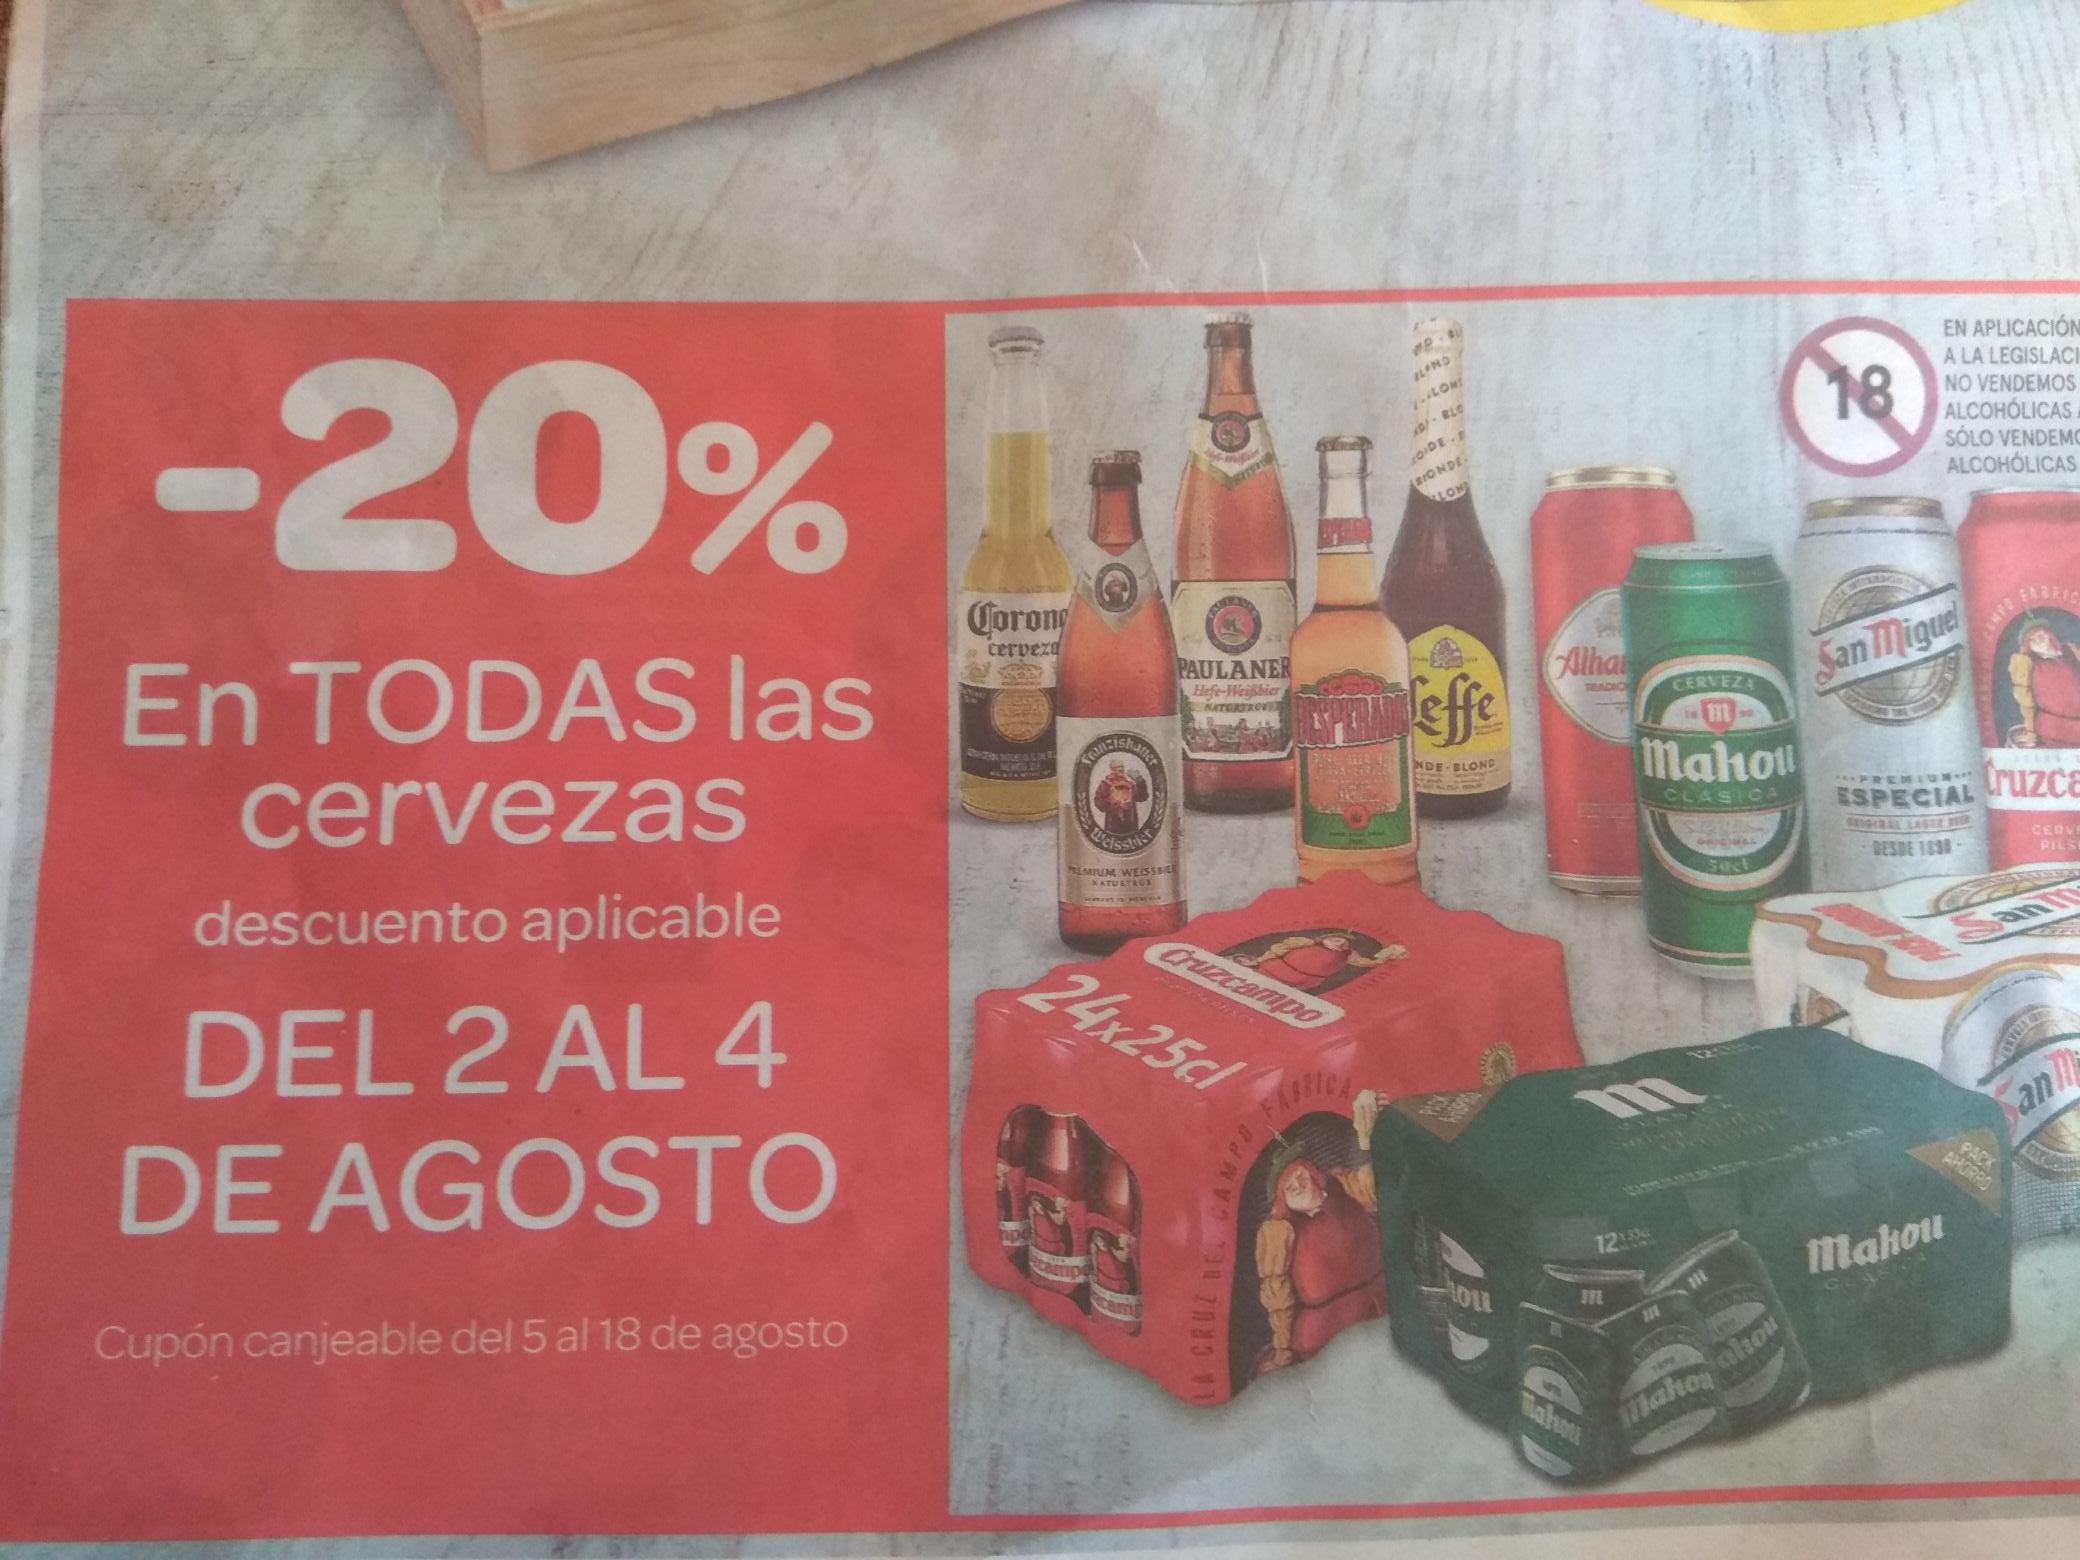 20% de descuento en todas las cervezas